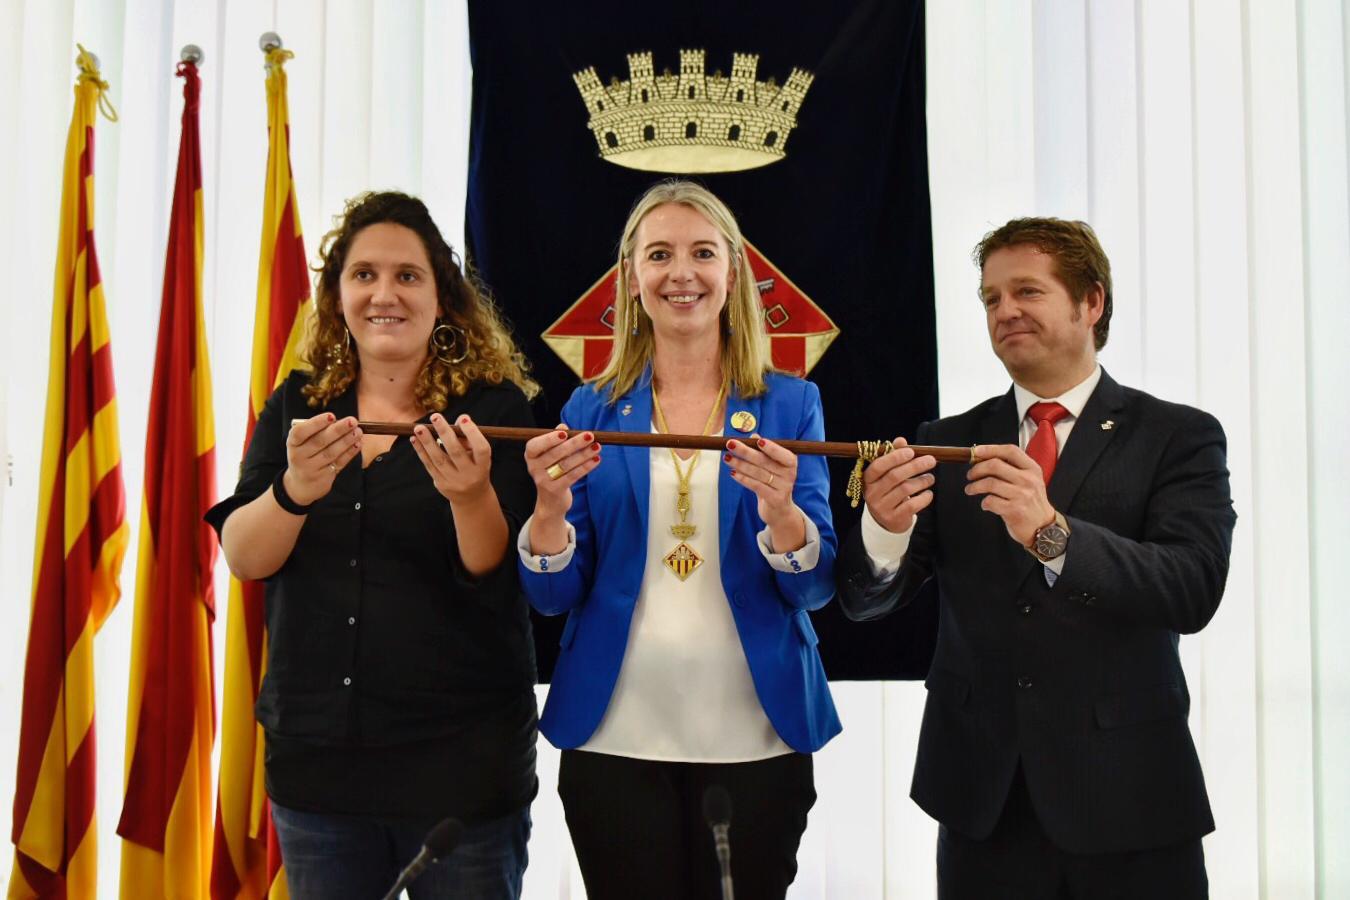 La nova alcaldessa de Sant Cugat del Vallès, Mireia Ingla, al centre, acompanyada per Núria Gibert (CUP) i Pere Soler (PSC) FOTO: Miguel López Mallach